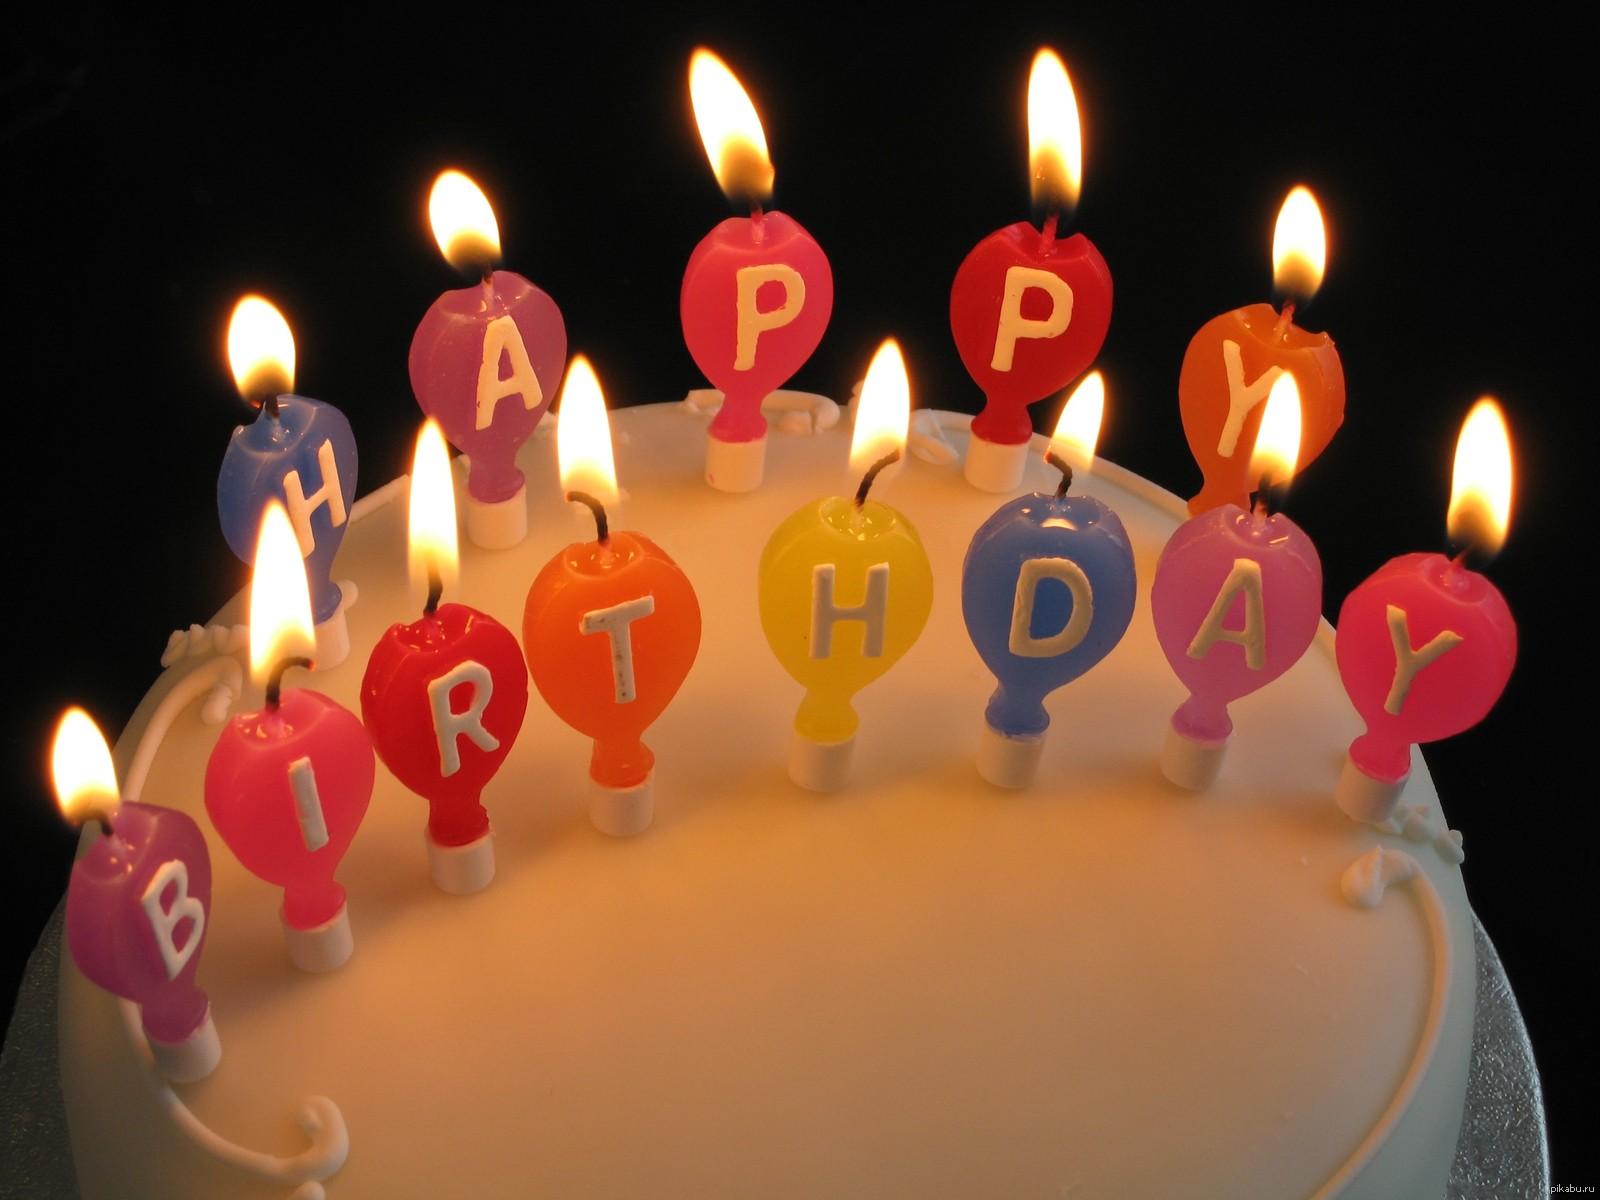 с днем рождения на румынском картинки